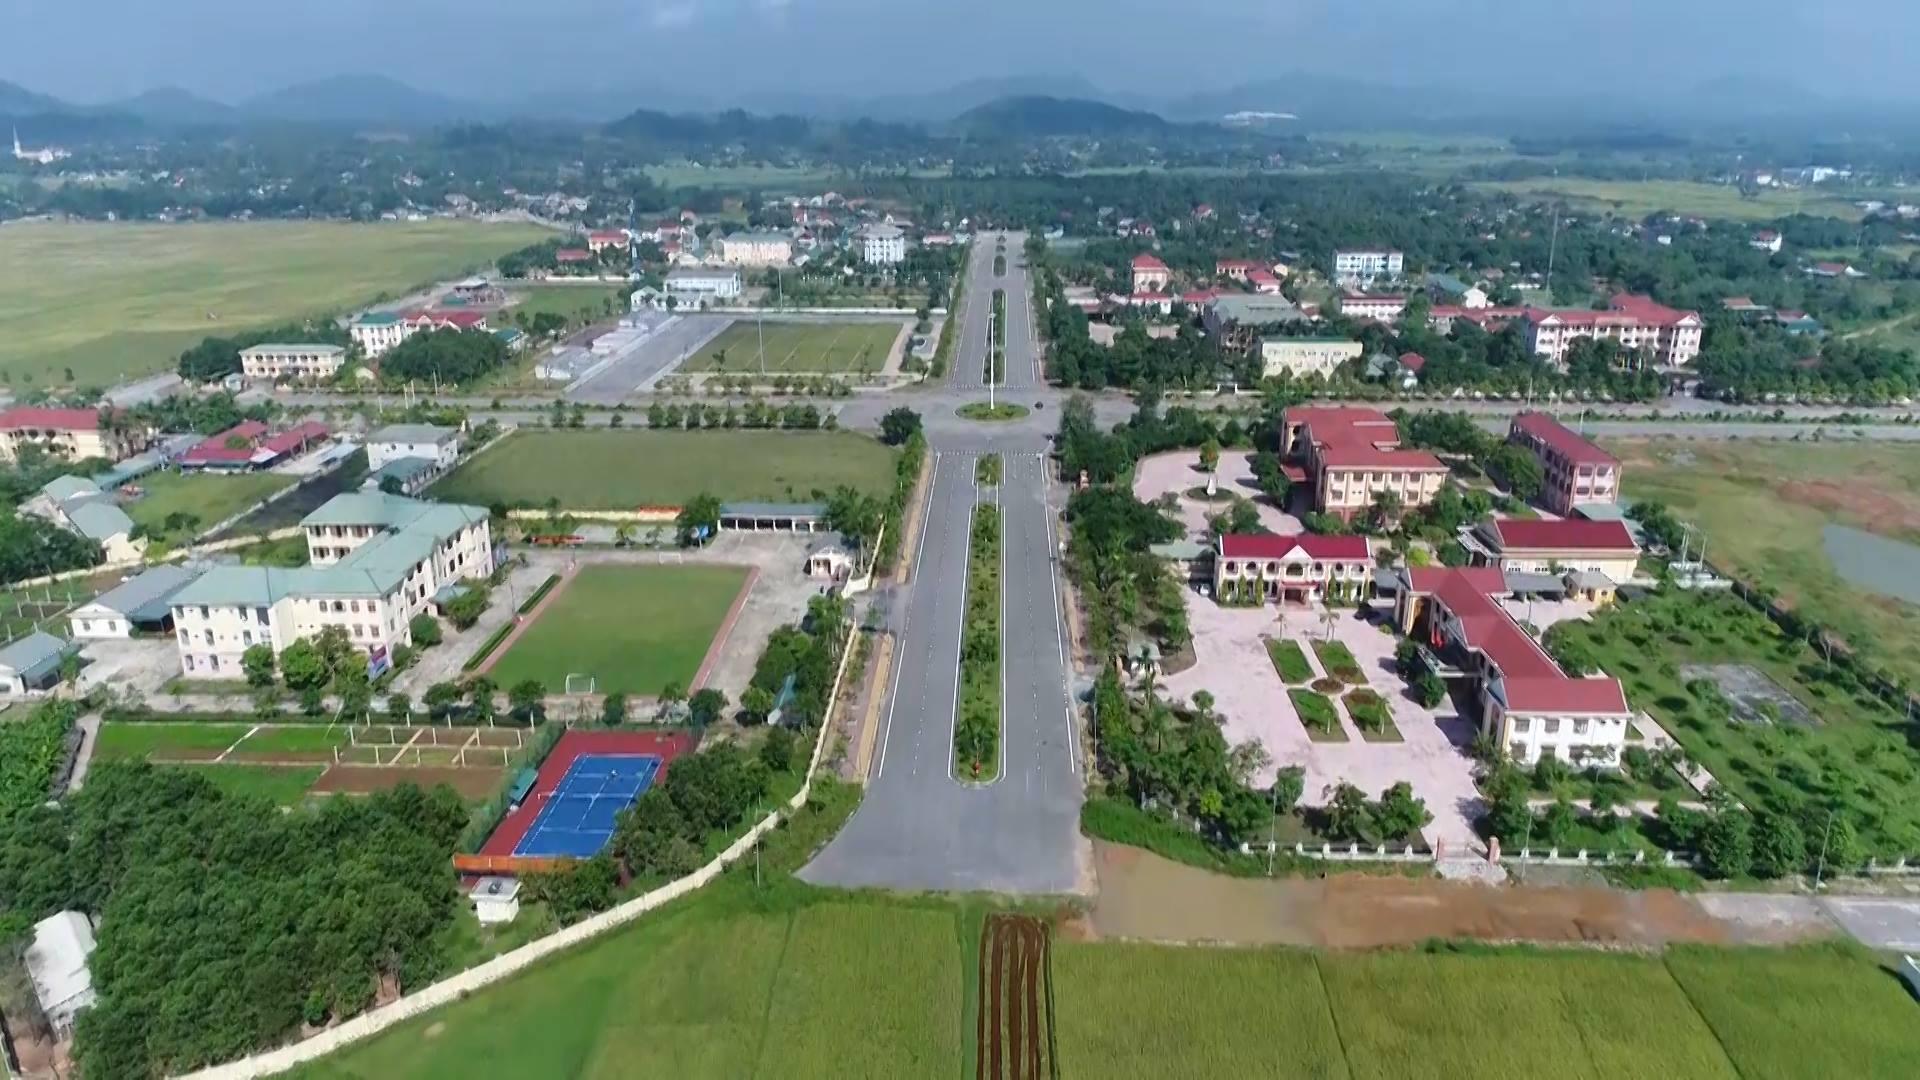 Lộ diện liên danh Hà Nội muốn xây khu dân cư hàng trăm nhà liền kề, biệt thự tại thị trấn Nghĩa Đàn, Nghệ An - Ảnh 1.